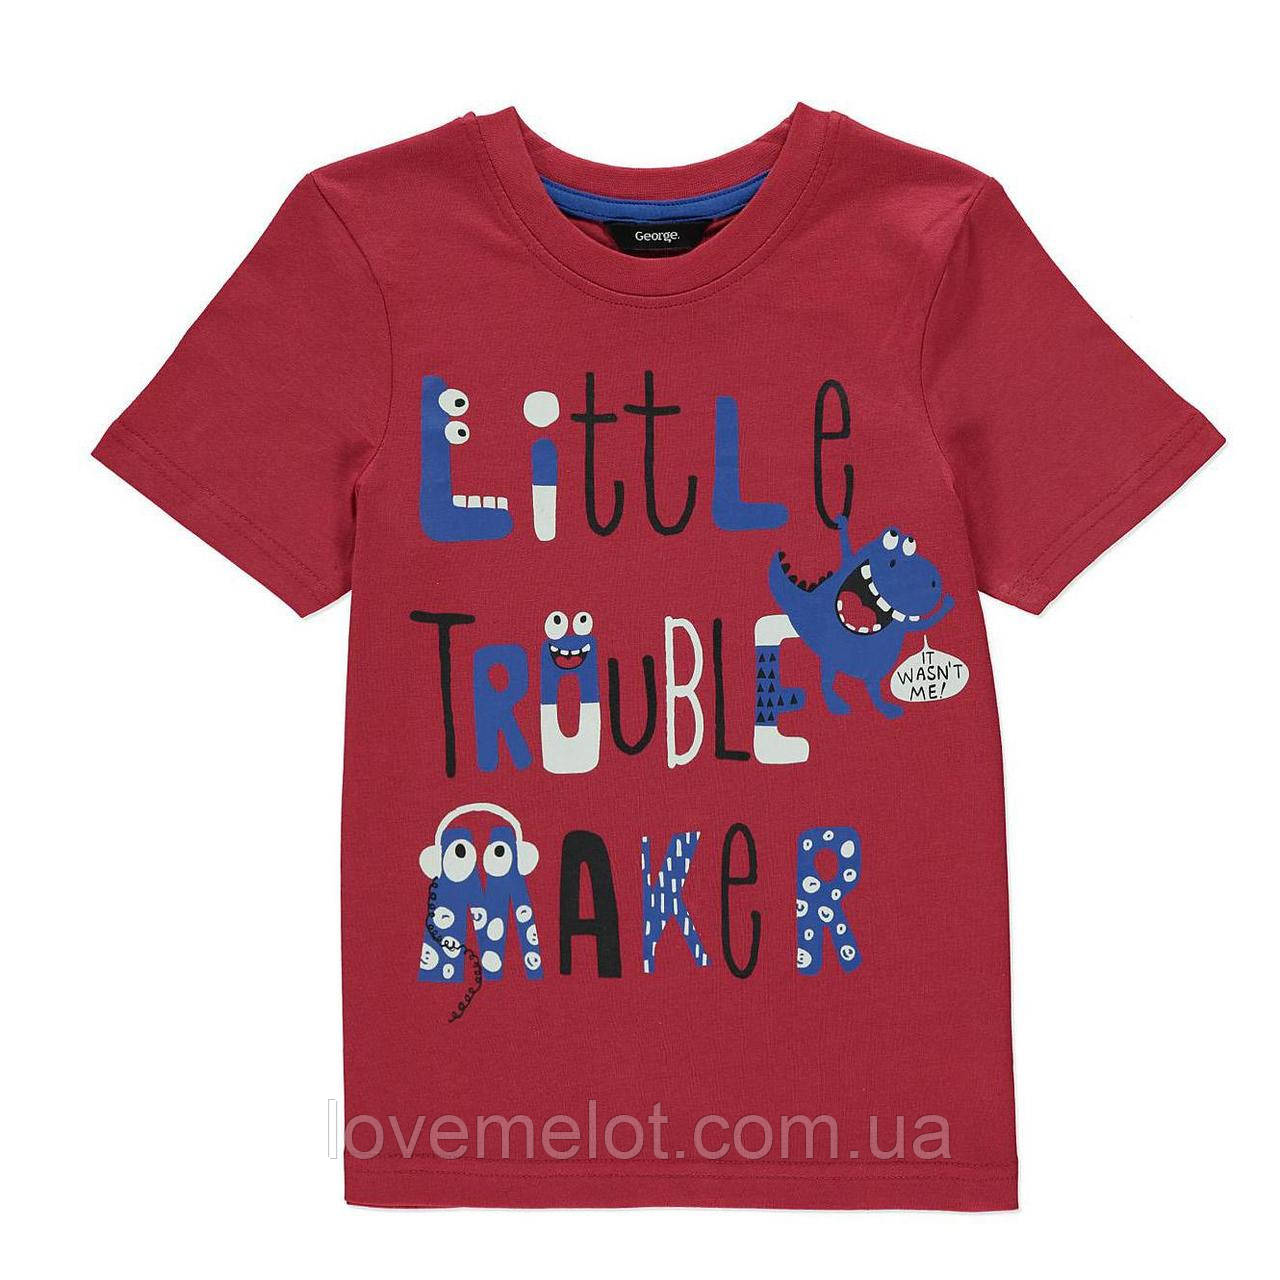 """Детская футболка для мальчика George """"Маленький Проказник"""" 80, 86 рост"""